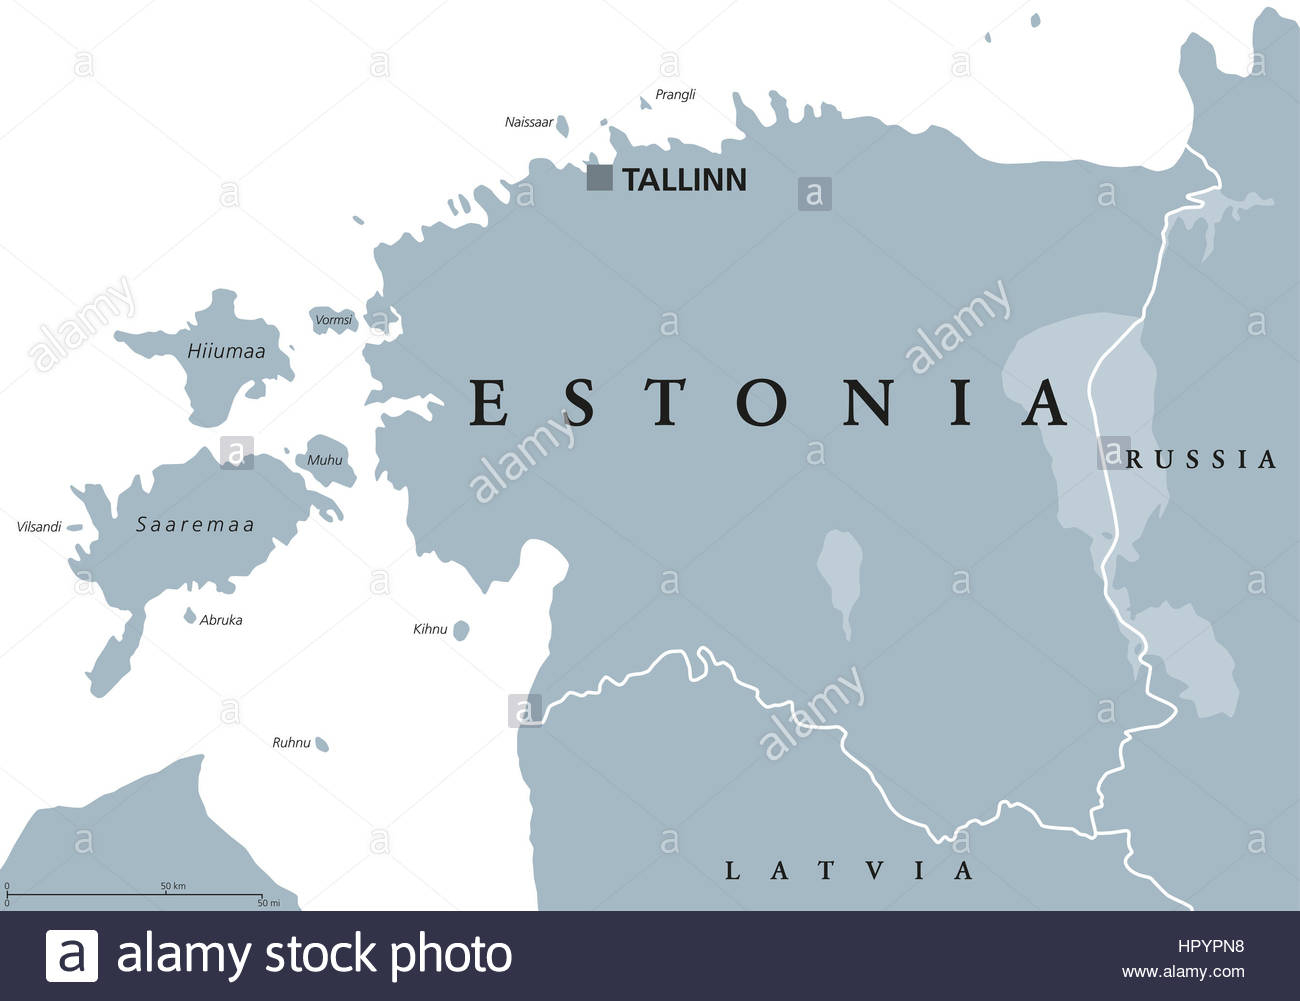 Carte Politique De L'estonie Avec Capitale De L'estonie, Les intérieur Carte Europe Avec Capitale